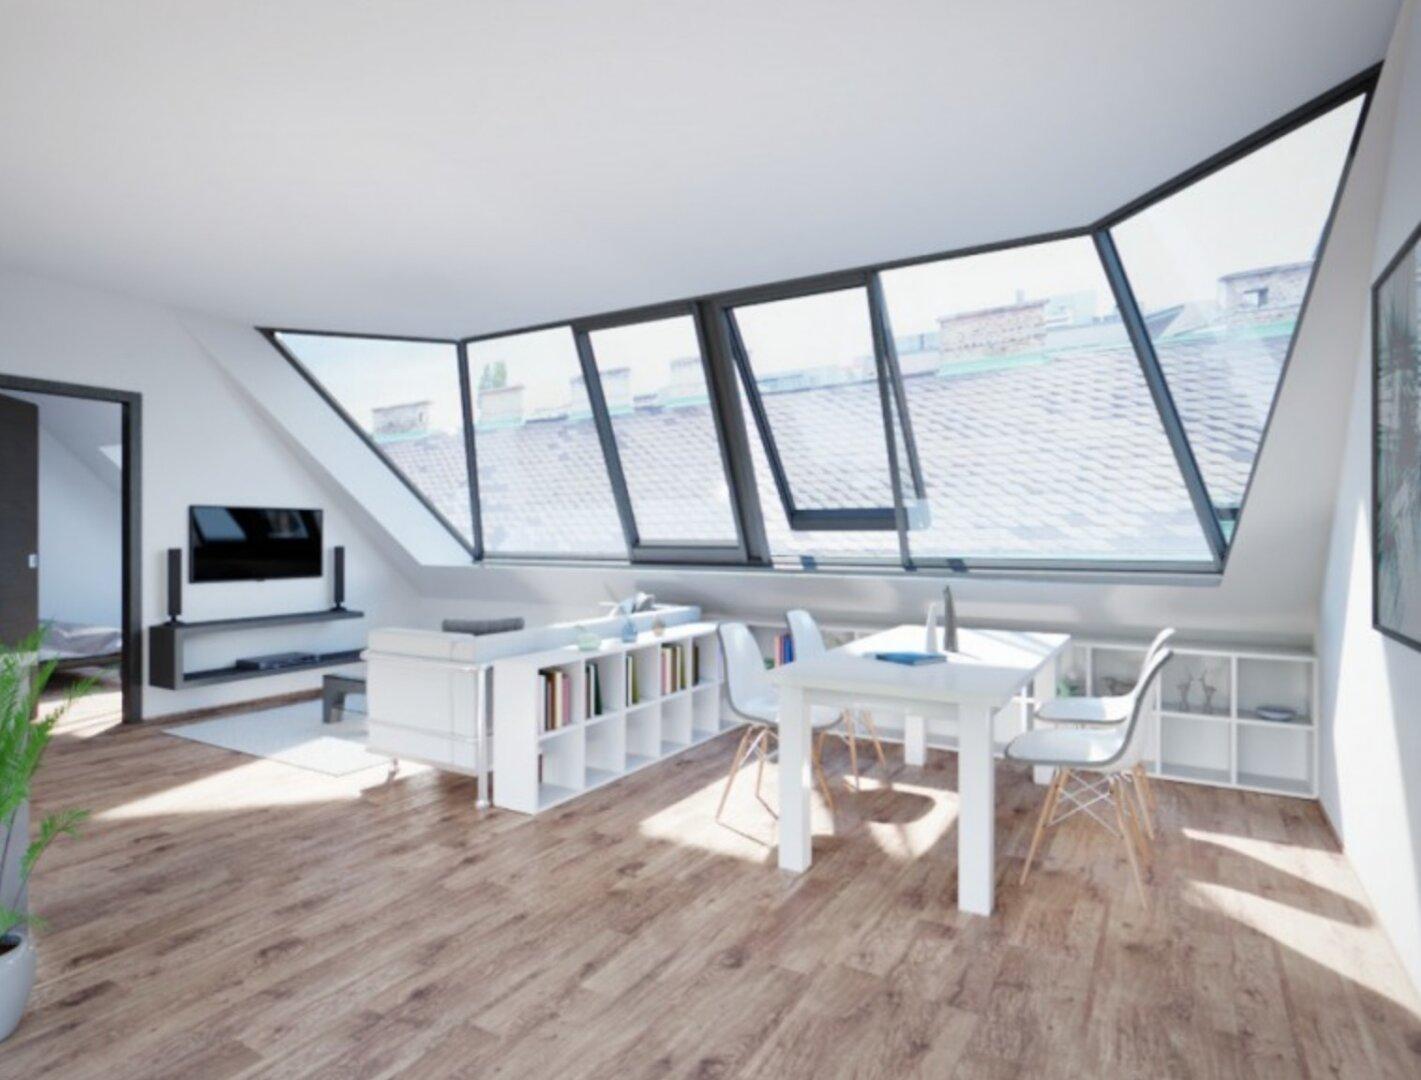 Visualisierung vor Errichtung - Wohnküche mit Gaupe